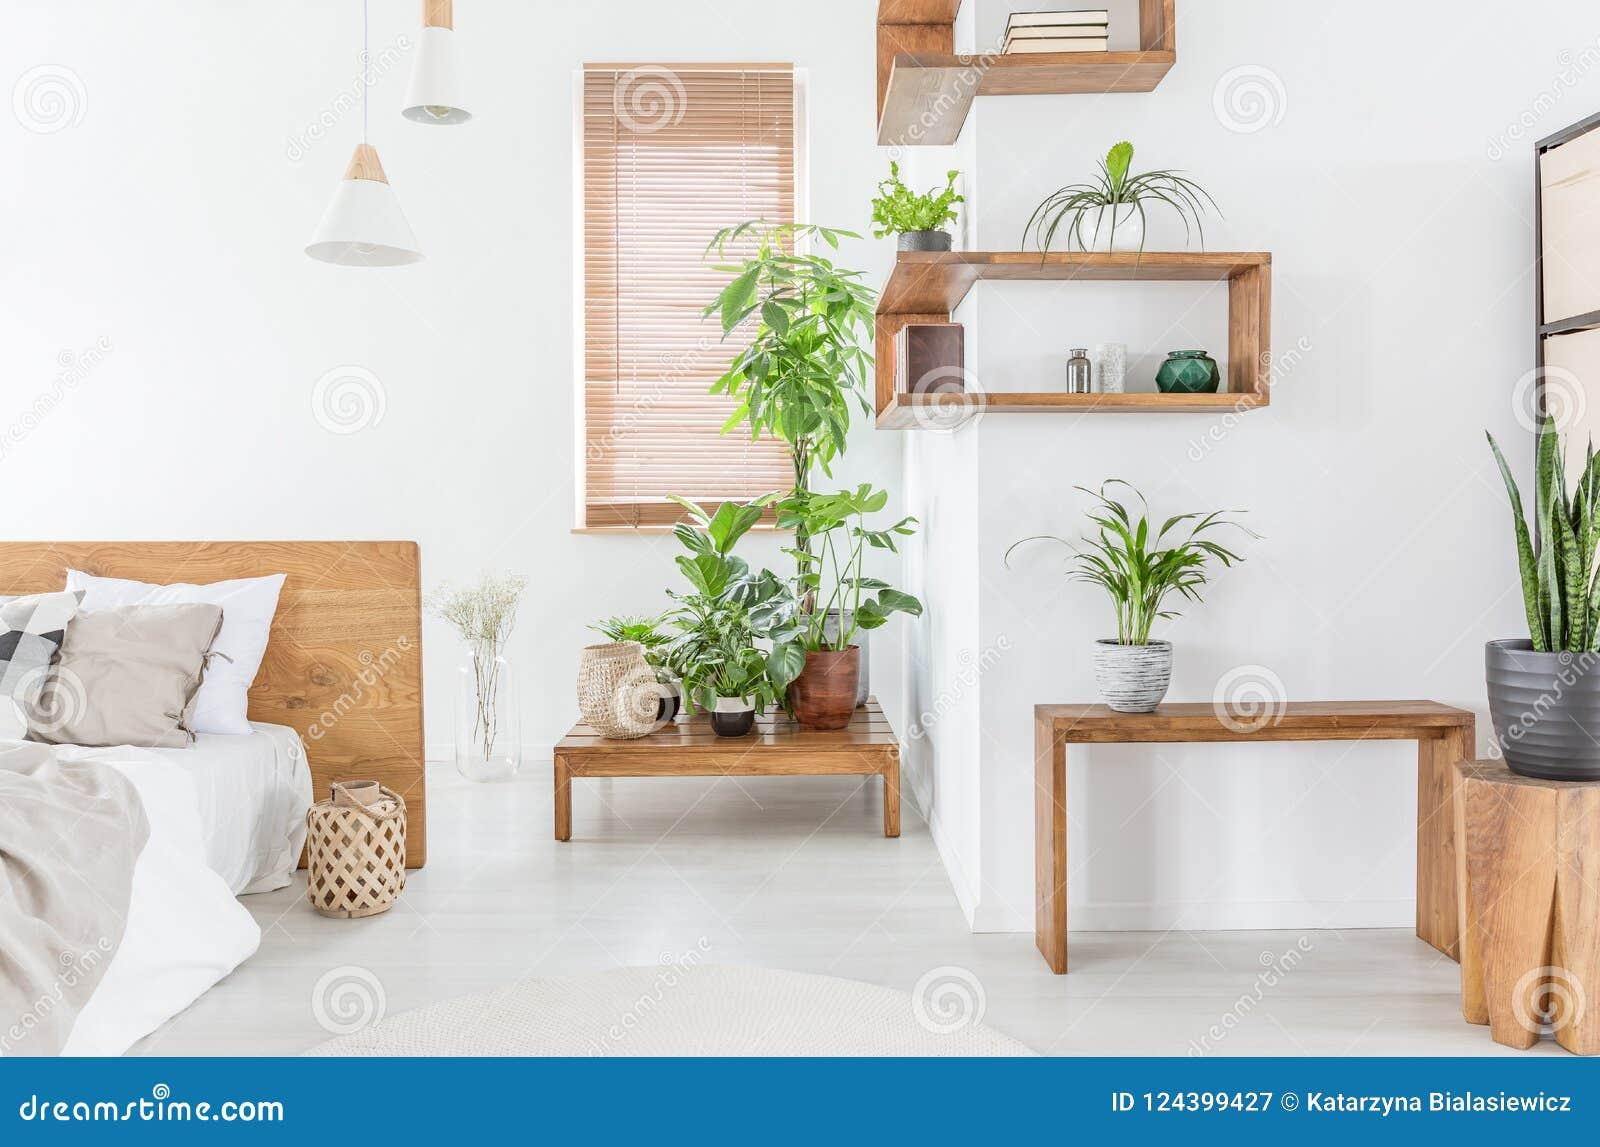 Rośliny Na Drewnianym Stole W Białym Sypialni Wnętrzu Z